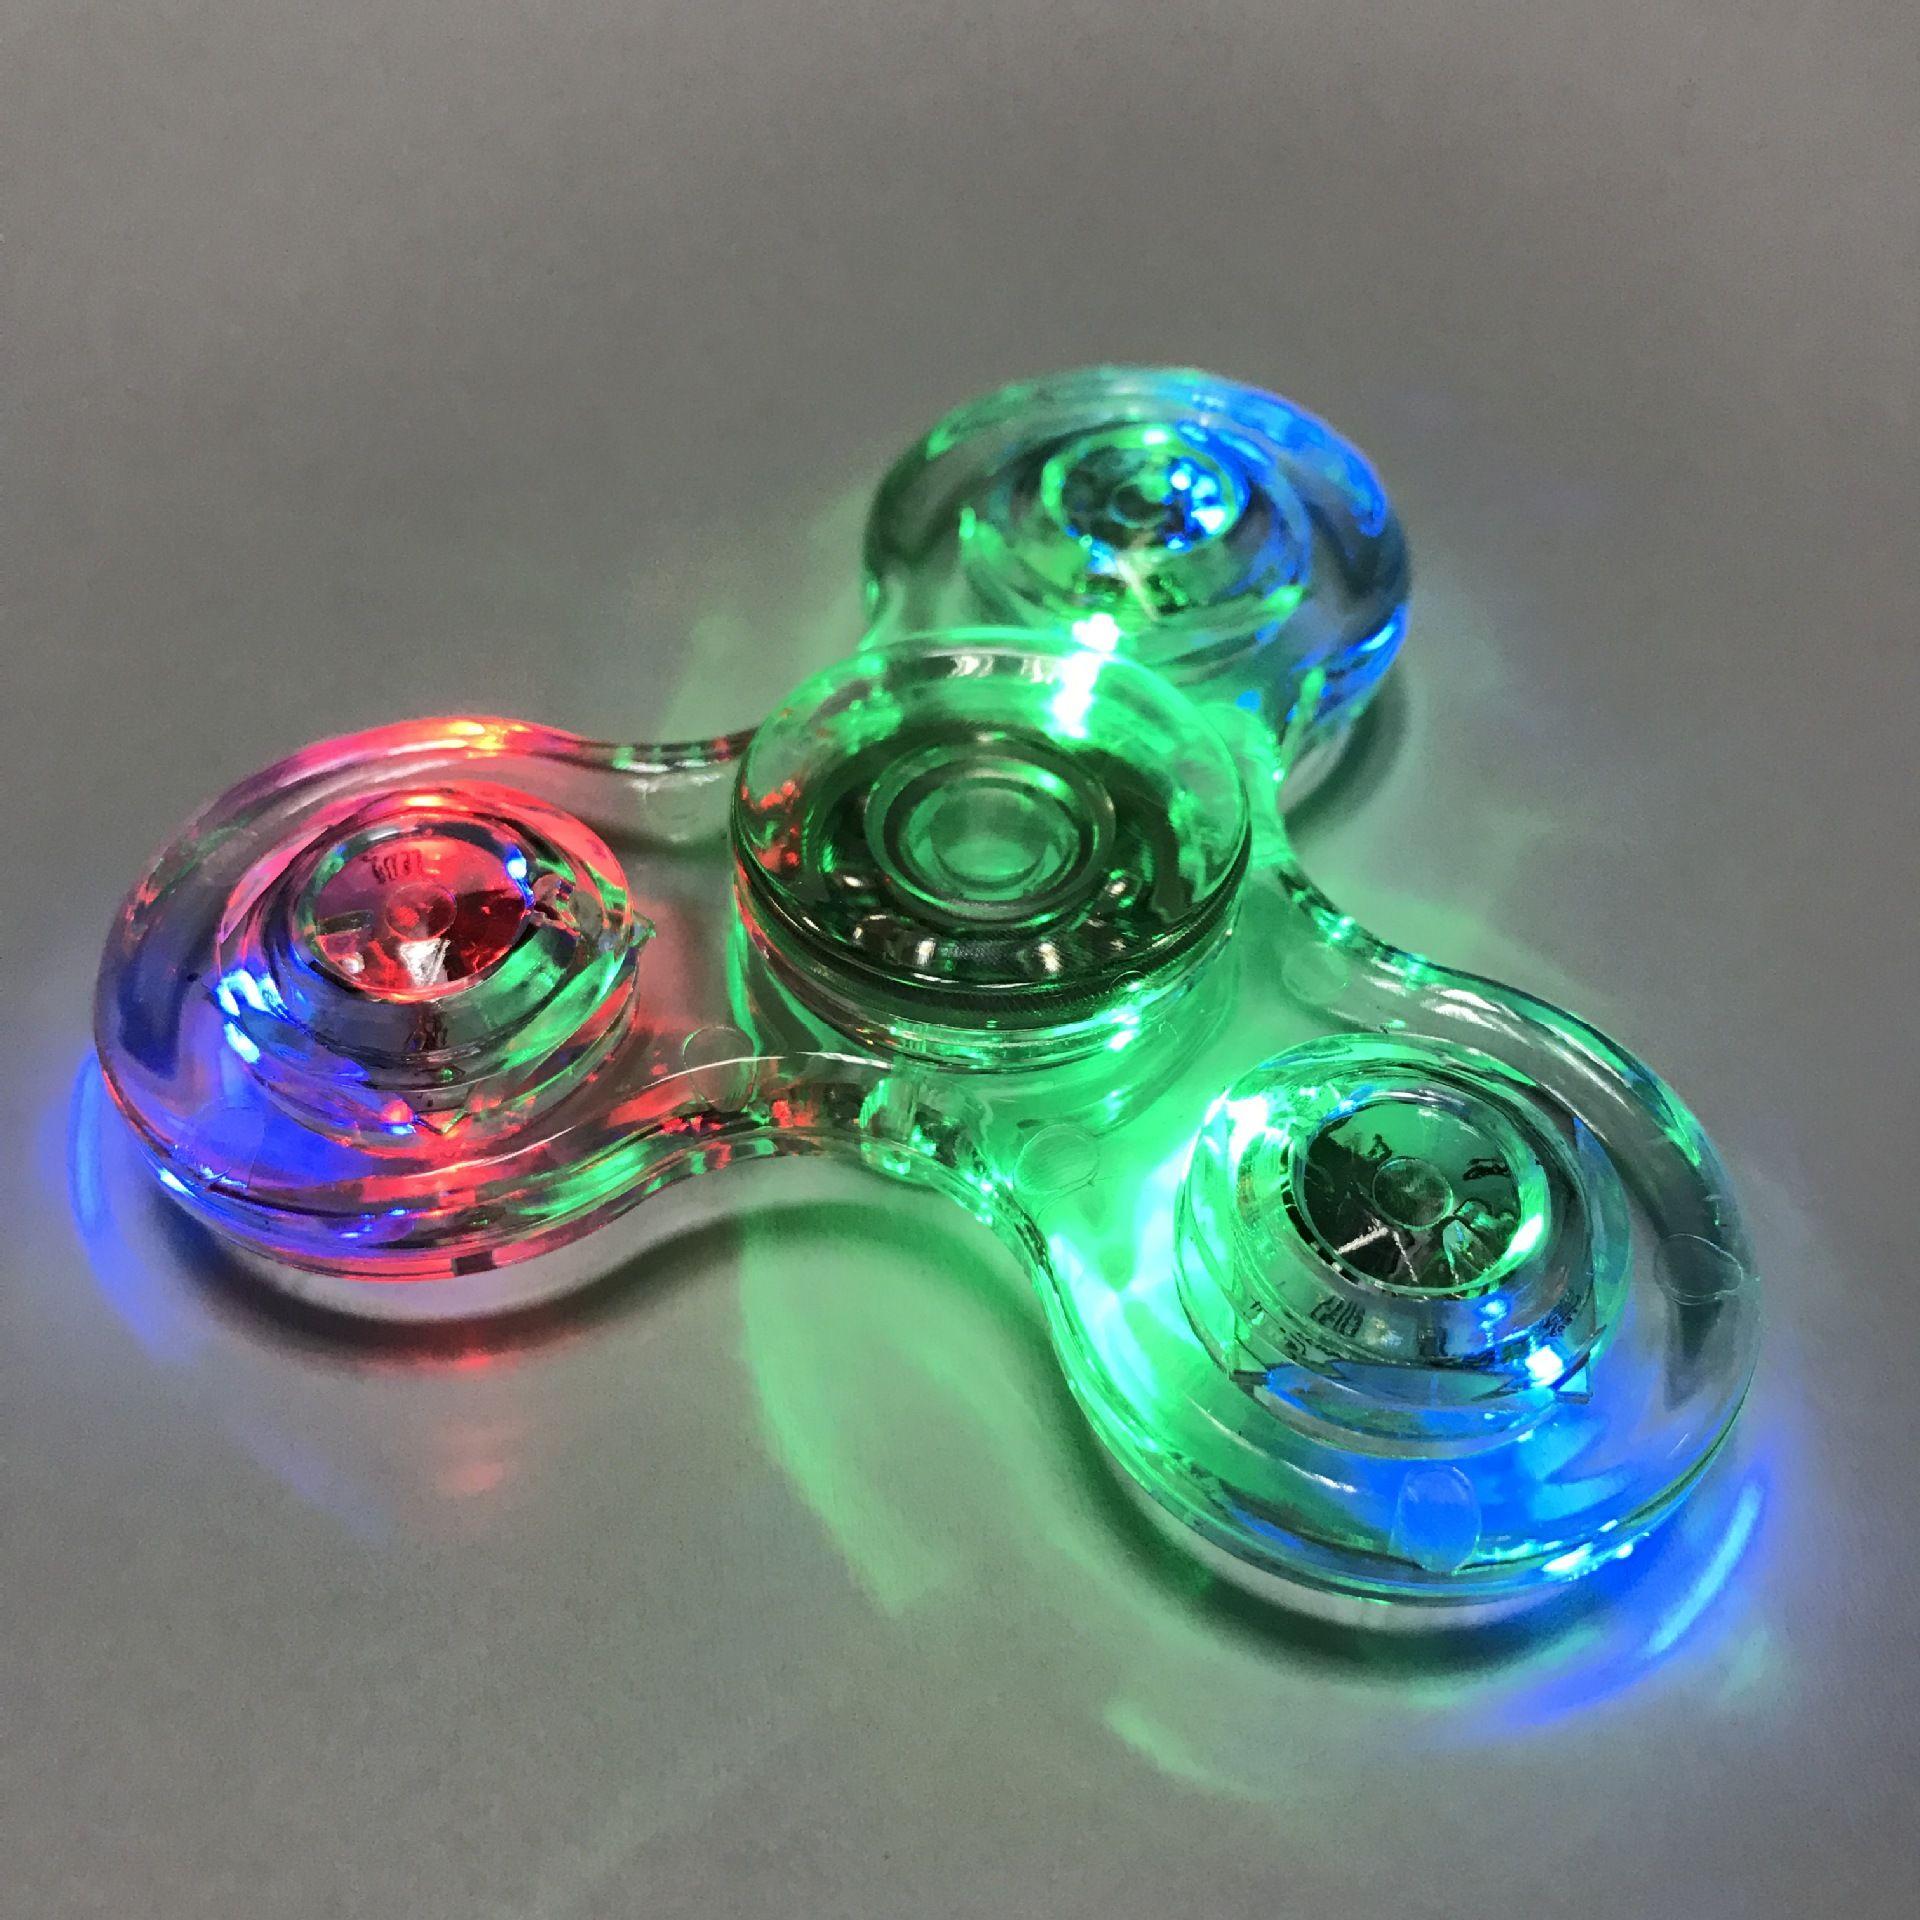 Neue Tri-Spinner Transparente LED-Licht Spinner Kristall Kunststoff EDC Schalter Finger handspinner Autismus Relief Angst Stress Spielzeug